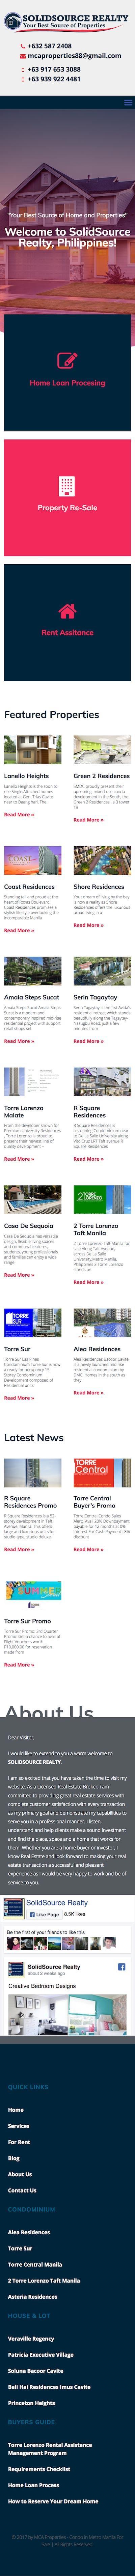 Real State Website Design Mobile